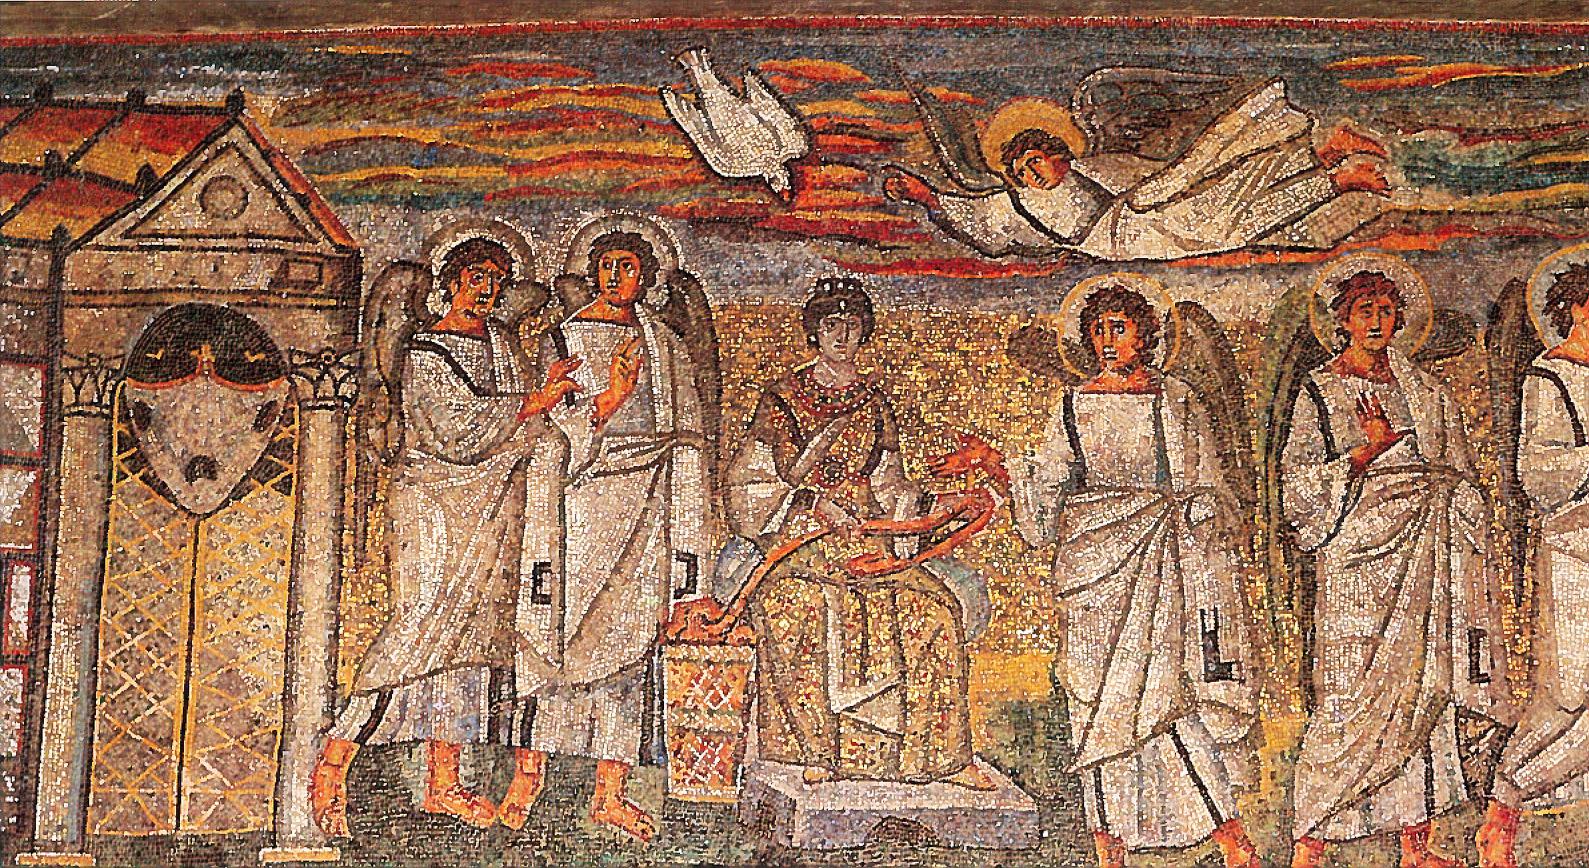 サンタ・マリア・マジョーレ大聖堂のモザイク画